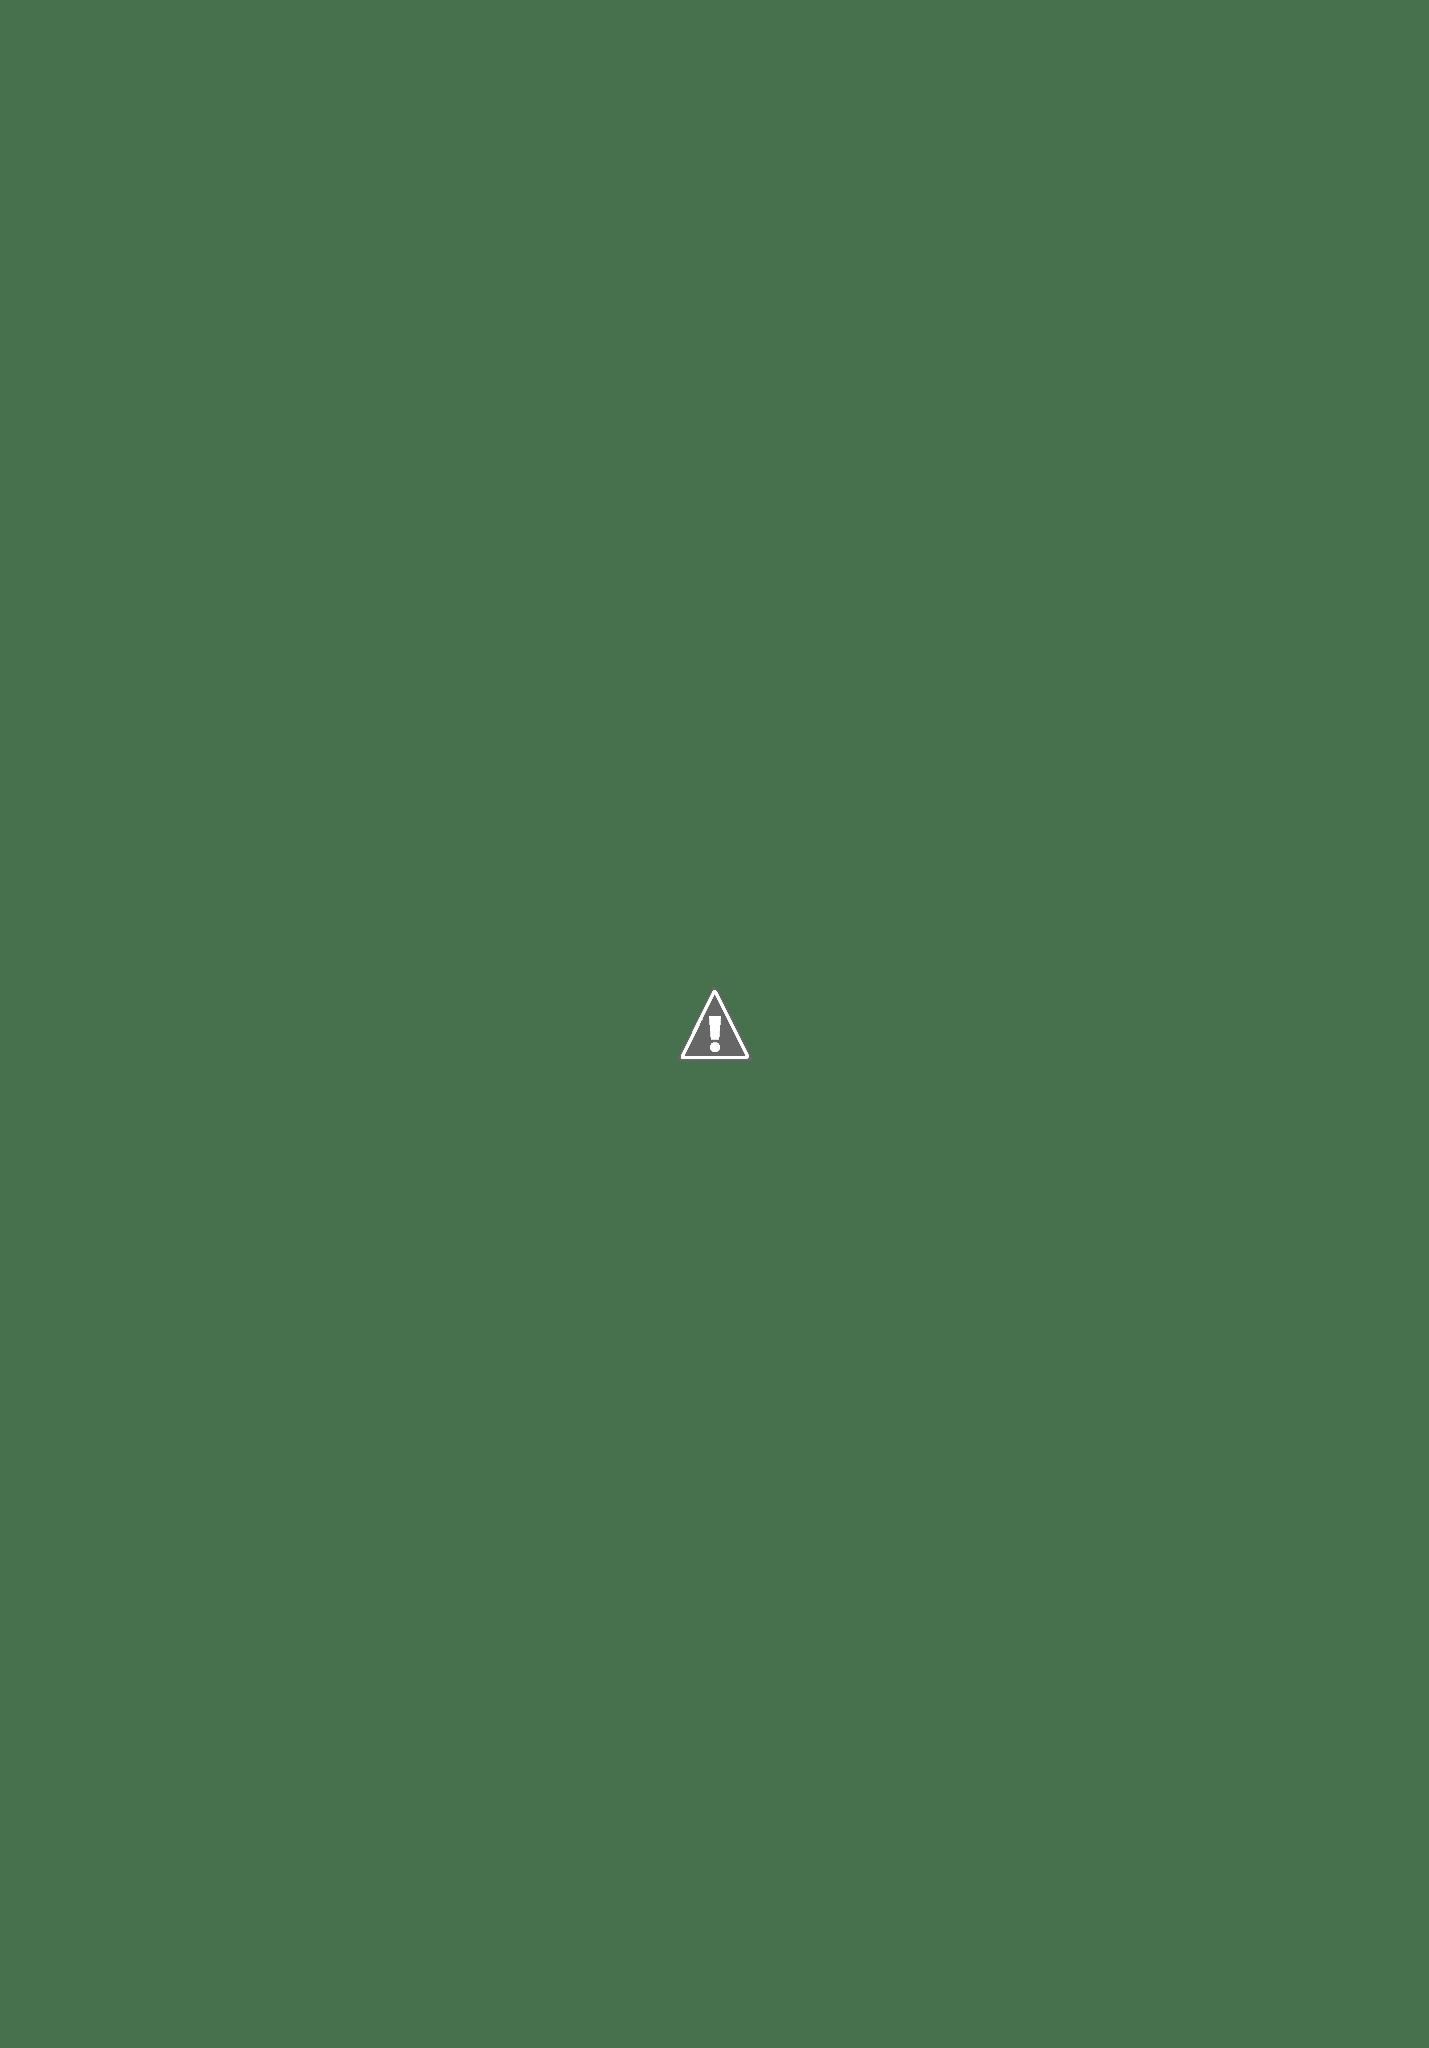 Renza Vermeulen Delicieux Cakes - Google+